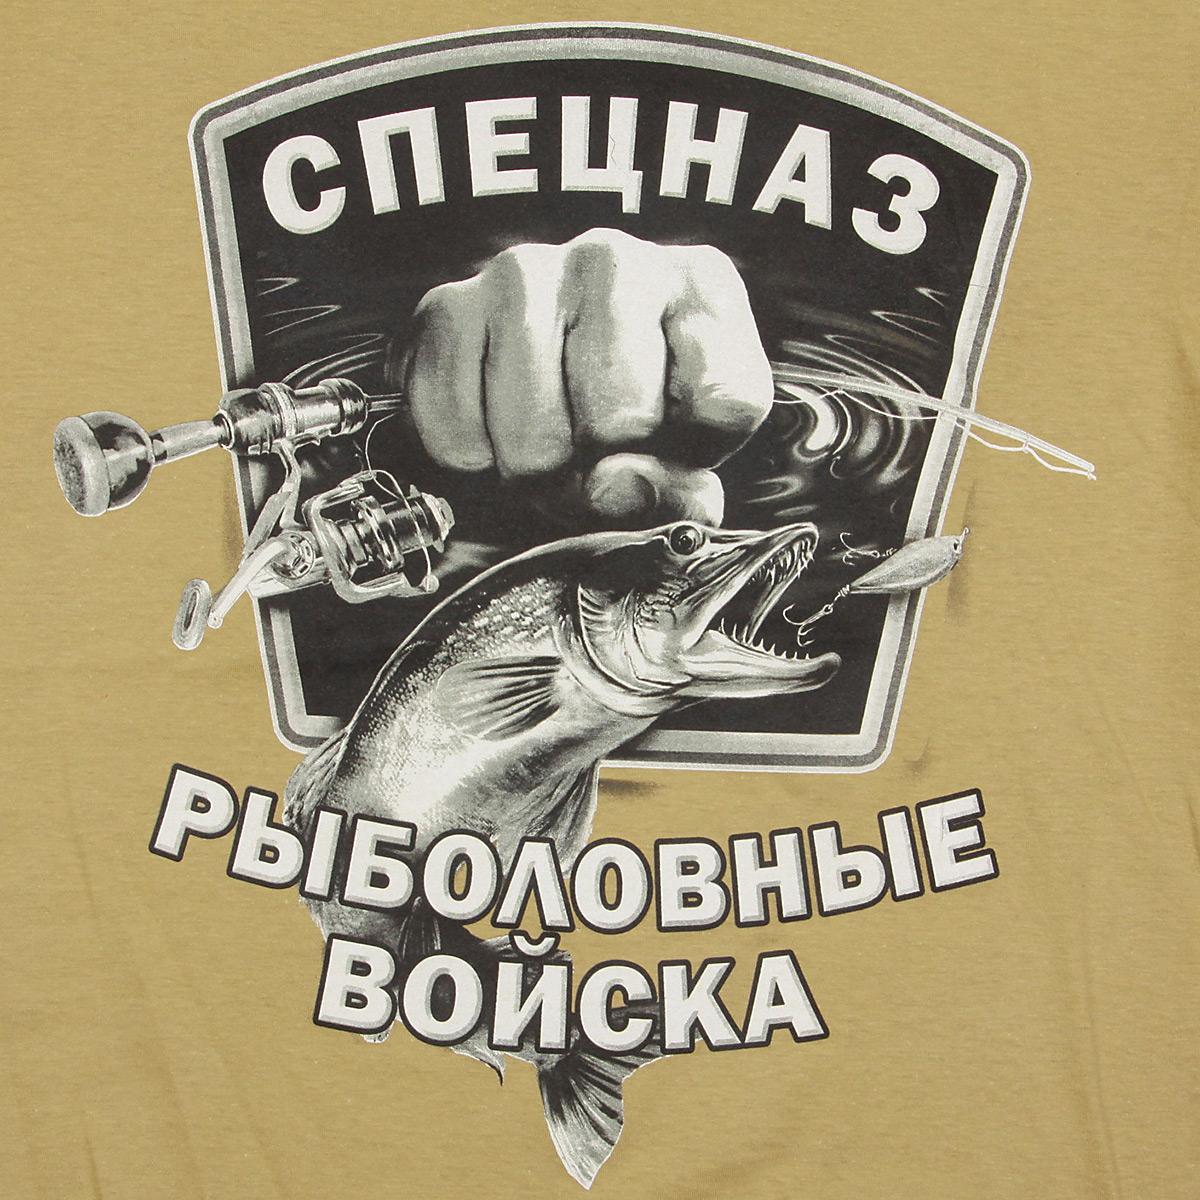 Футболка для рыбака с надписью - принт